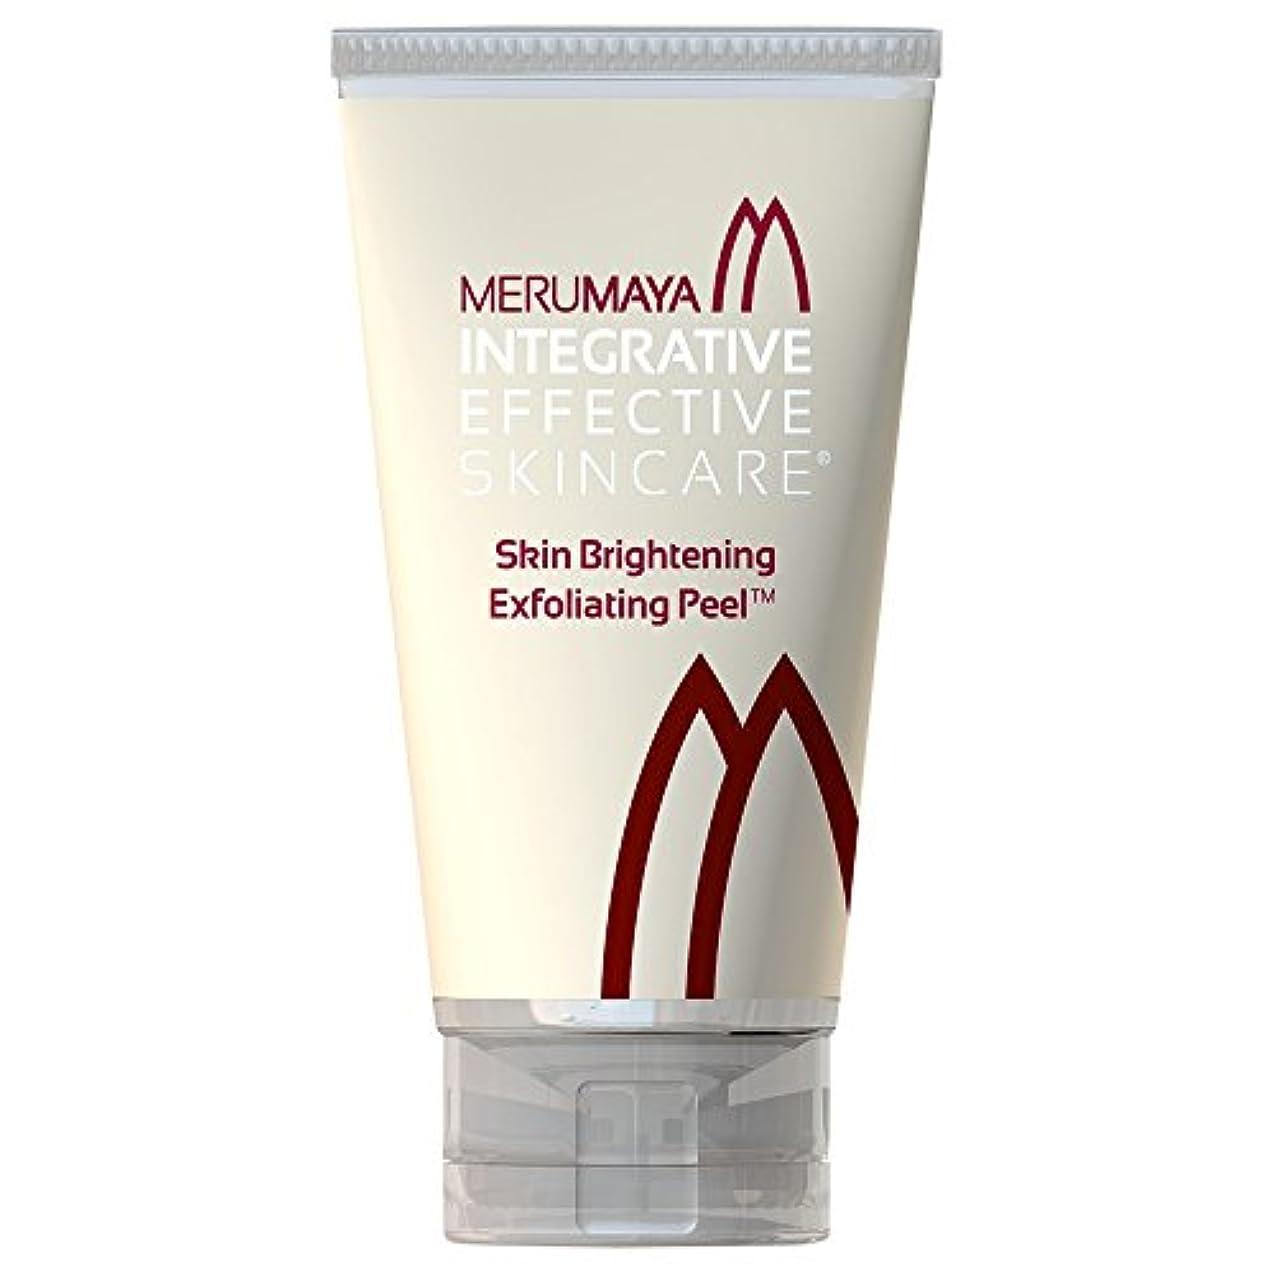 日光ばかげているホームMerumayaスキンブライトニングピーリング剥離?の50ミリリットル (Merumaya) (x6) - MERUMAYA Skin Brightening Exfoliating Peel? 50ml (Pack of...